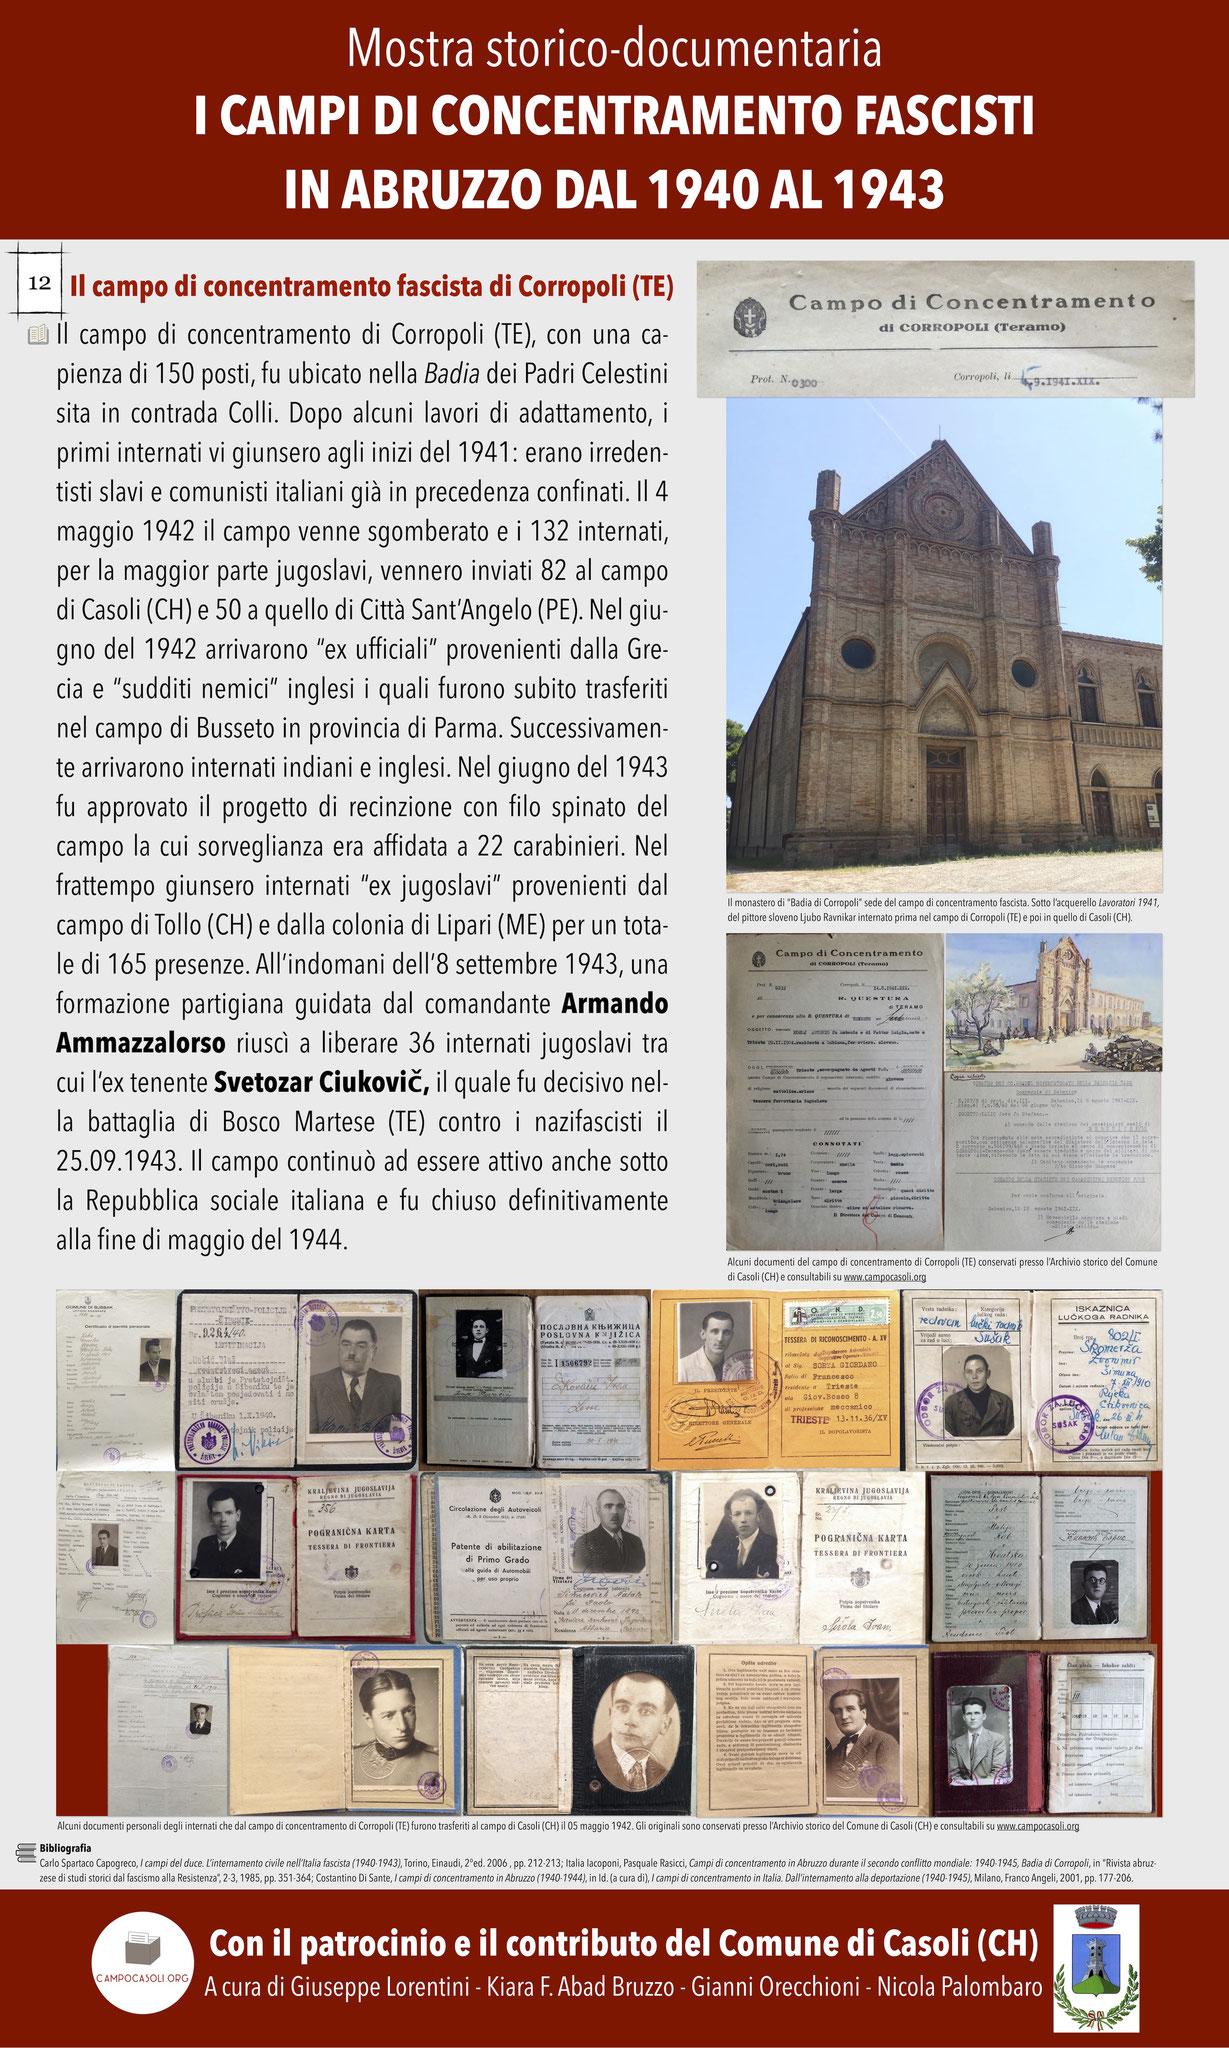 12. Il campo di concentramento fascista di Corropoli (TE)